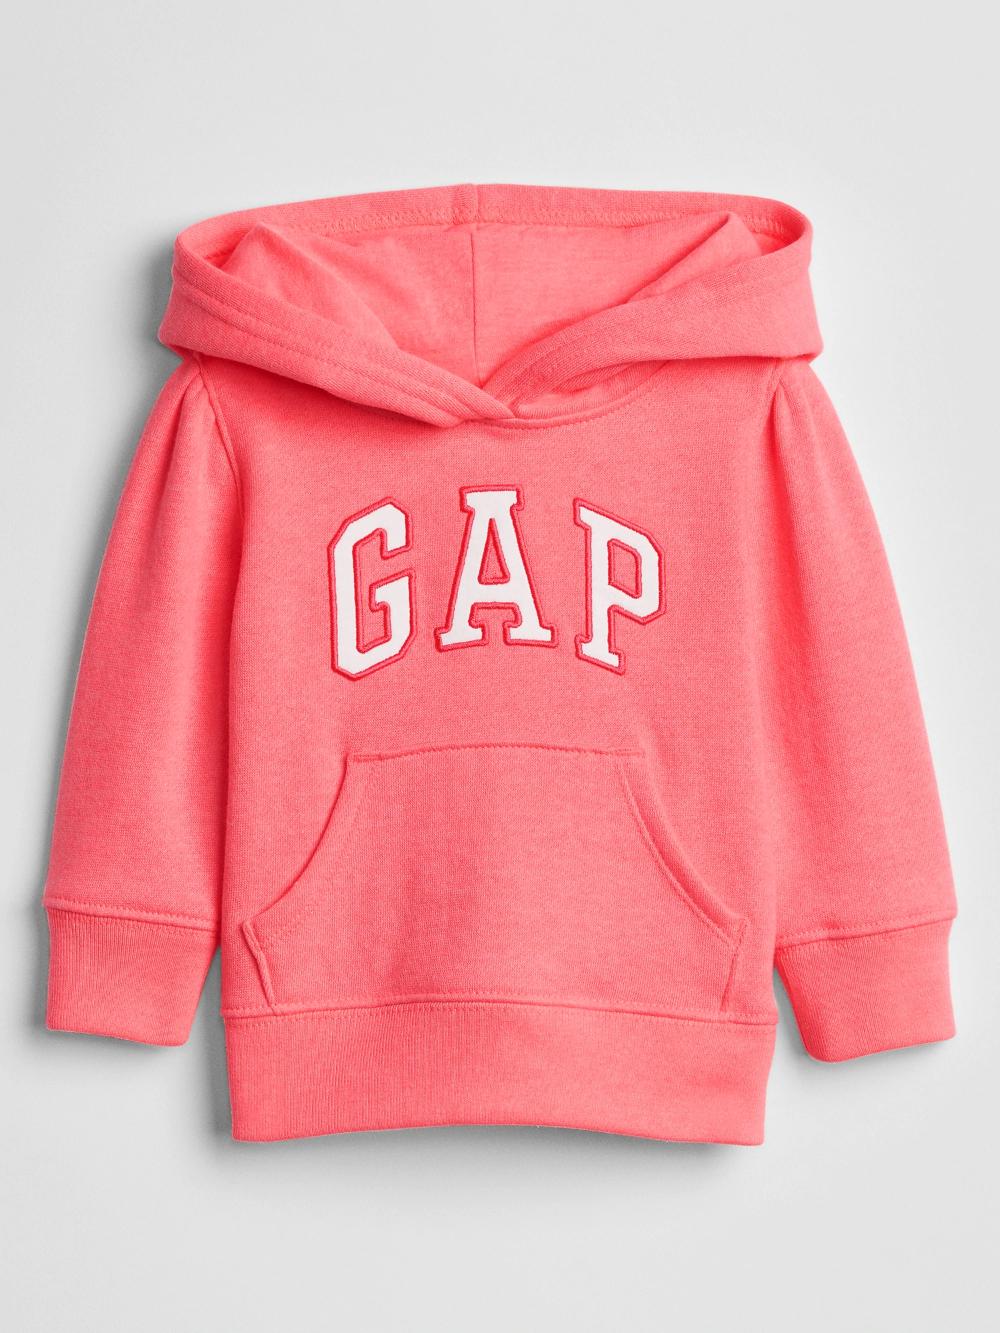 Babygap Gap Logo Hoodie In 2020 Newborn Girl Outfits Hoodie Gap Gap Logo